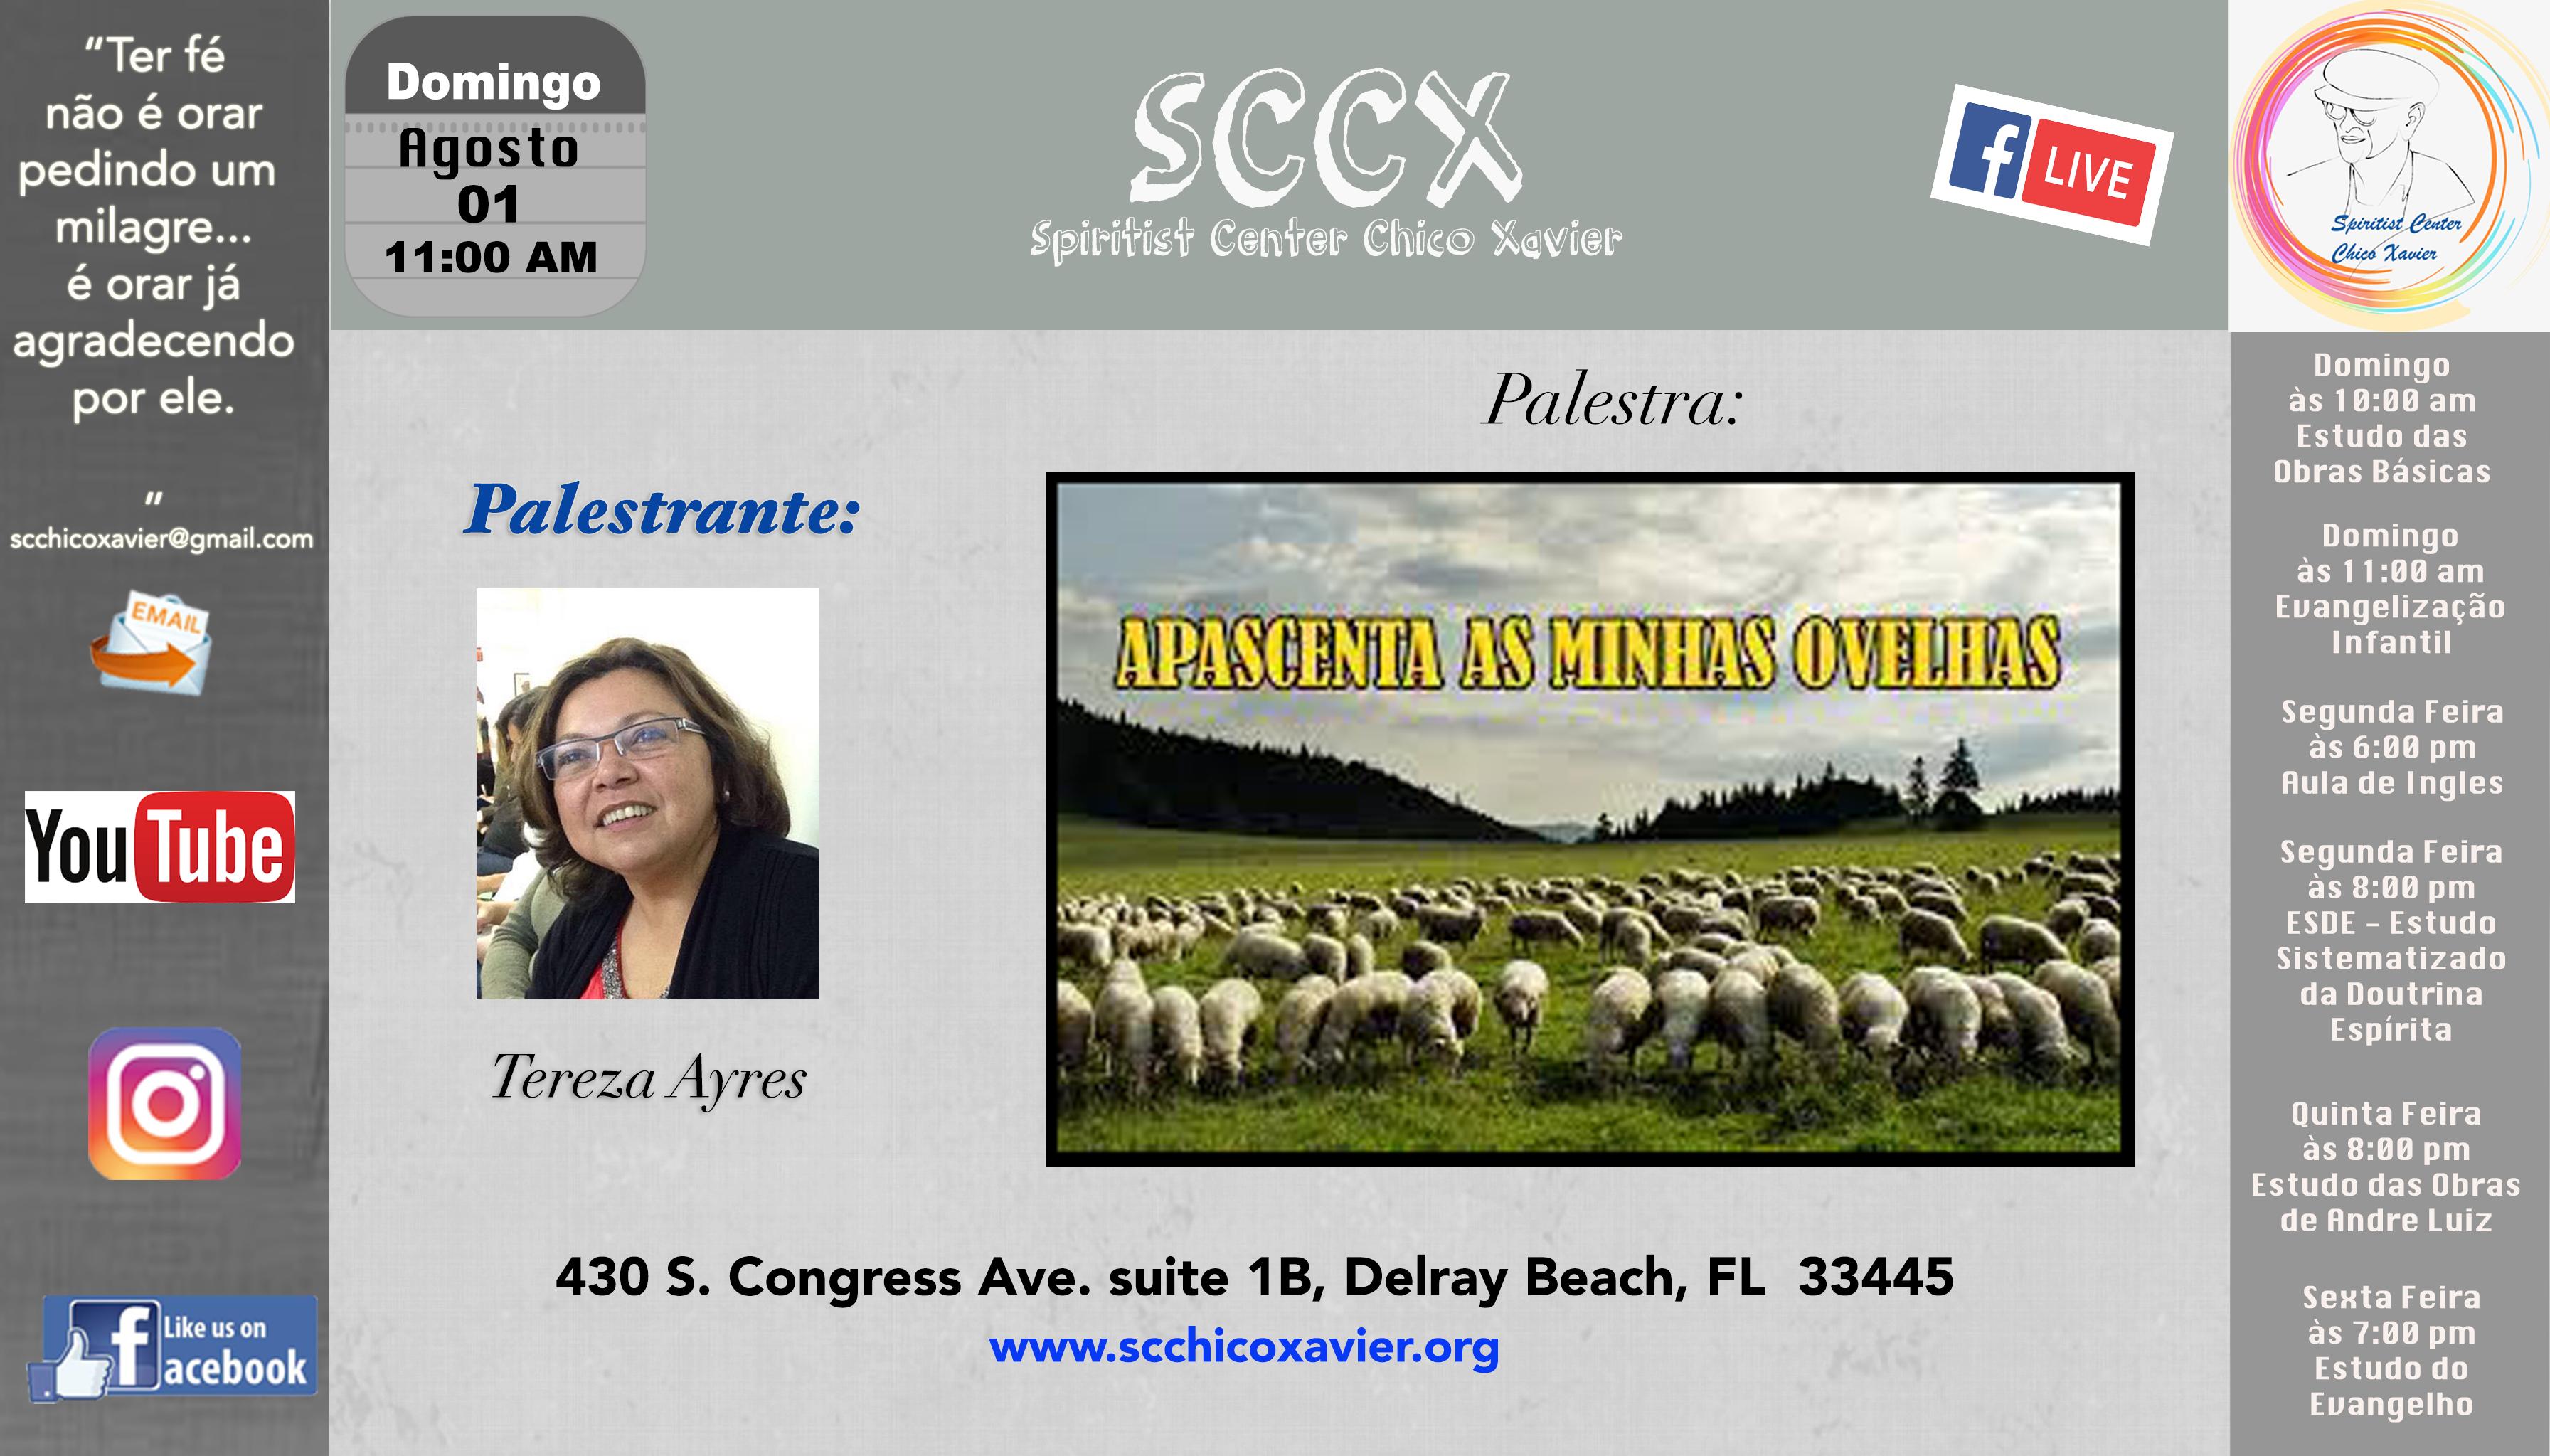 Tereza Ayres Curtis - Apascenta as minhas ovelhas